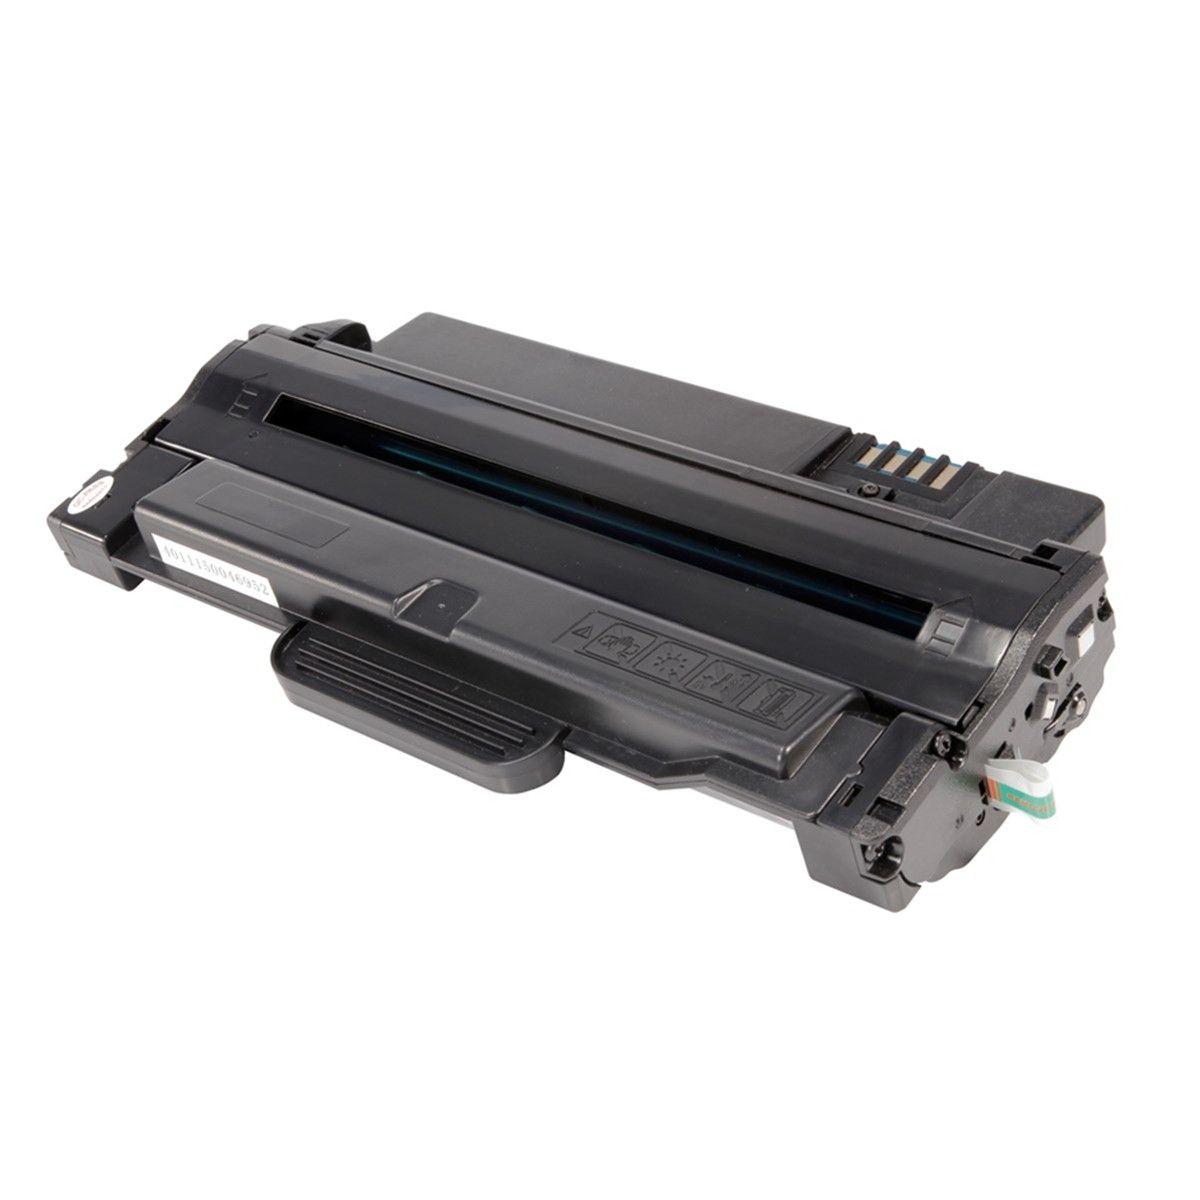 Toner compatível com SAMSUNG MLT-D105L ML1910 ML1915 ML2525 ML2580 SCX4600 SCX4623 5.000 Páginas - Cartucho & Cia